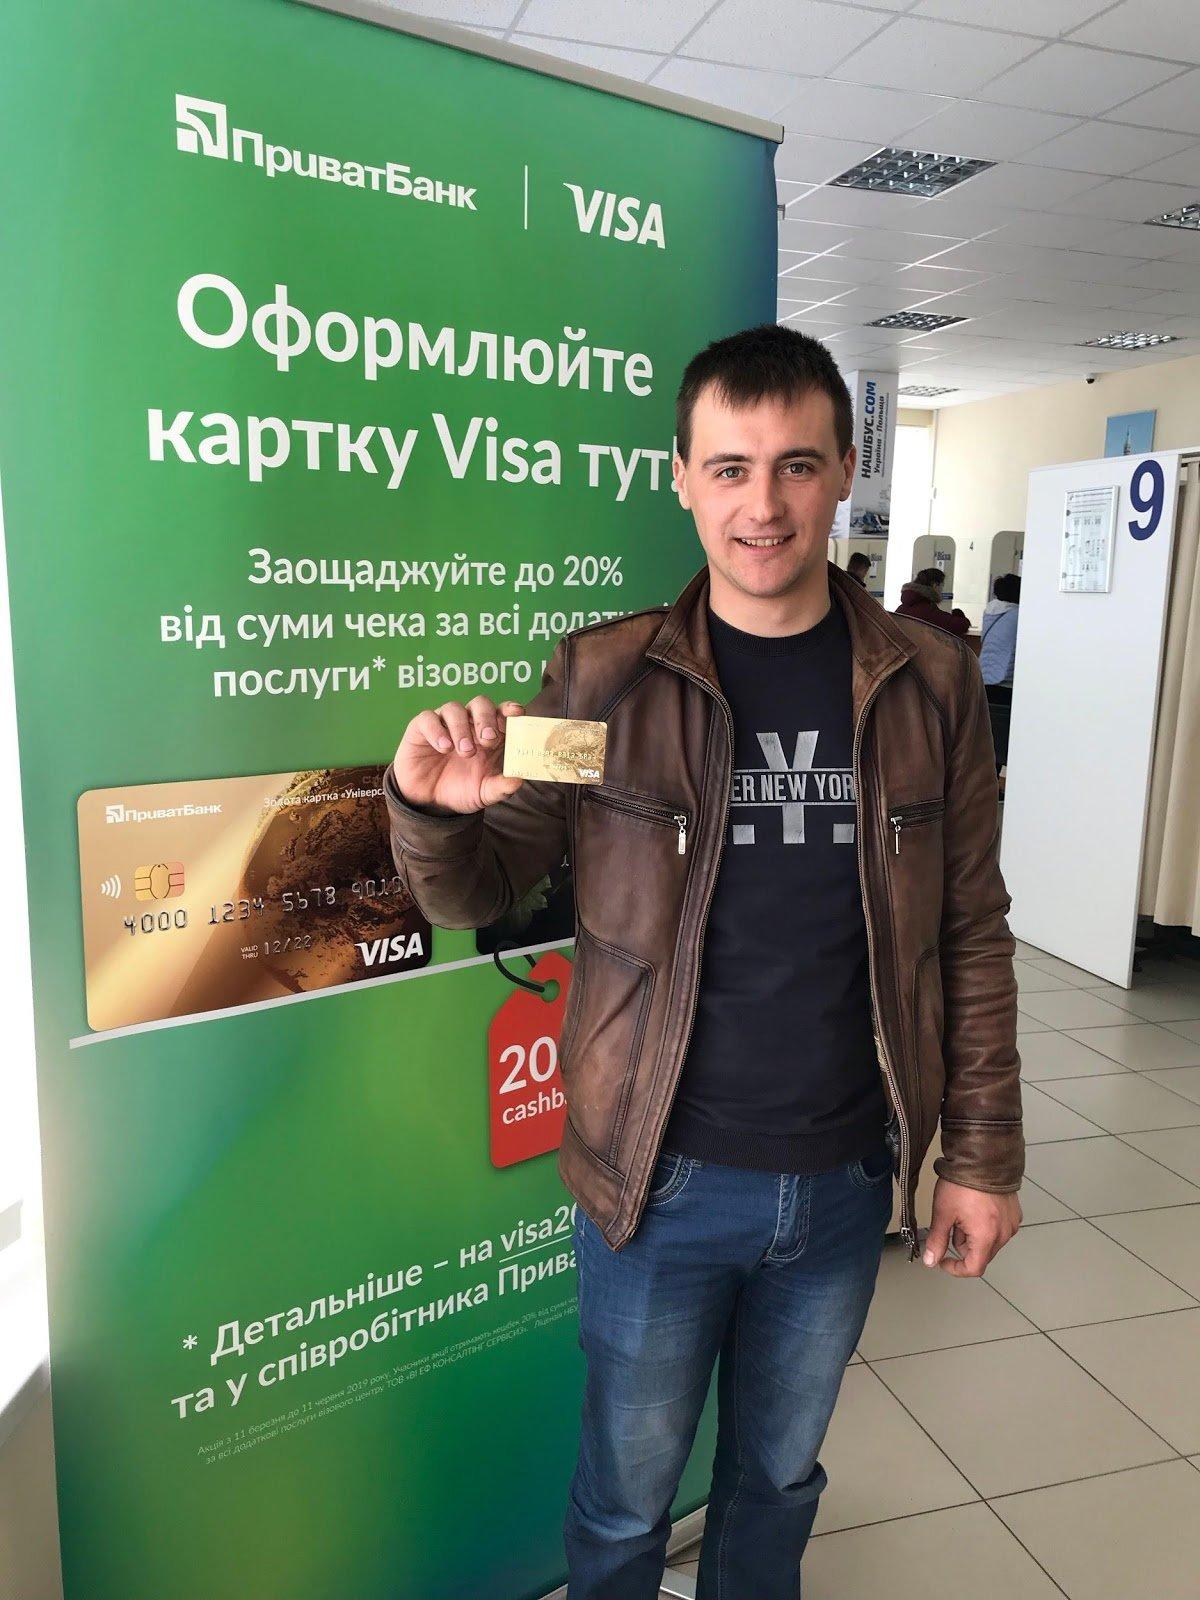 У візовому центрі Хмельницького можна отримати послуги з 20% кешбеком, фото-1